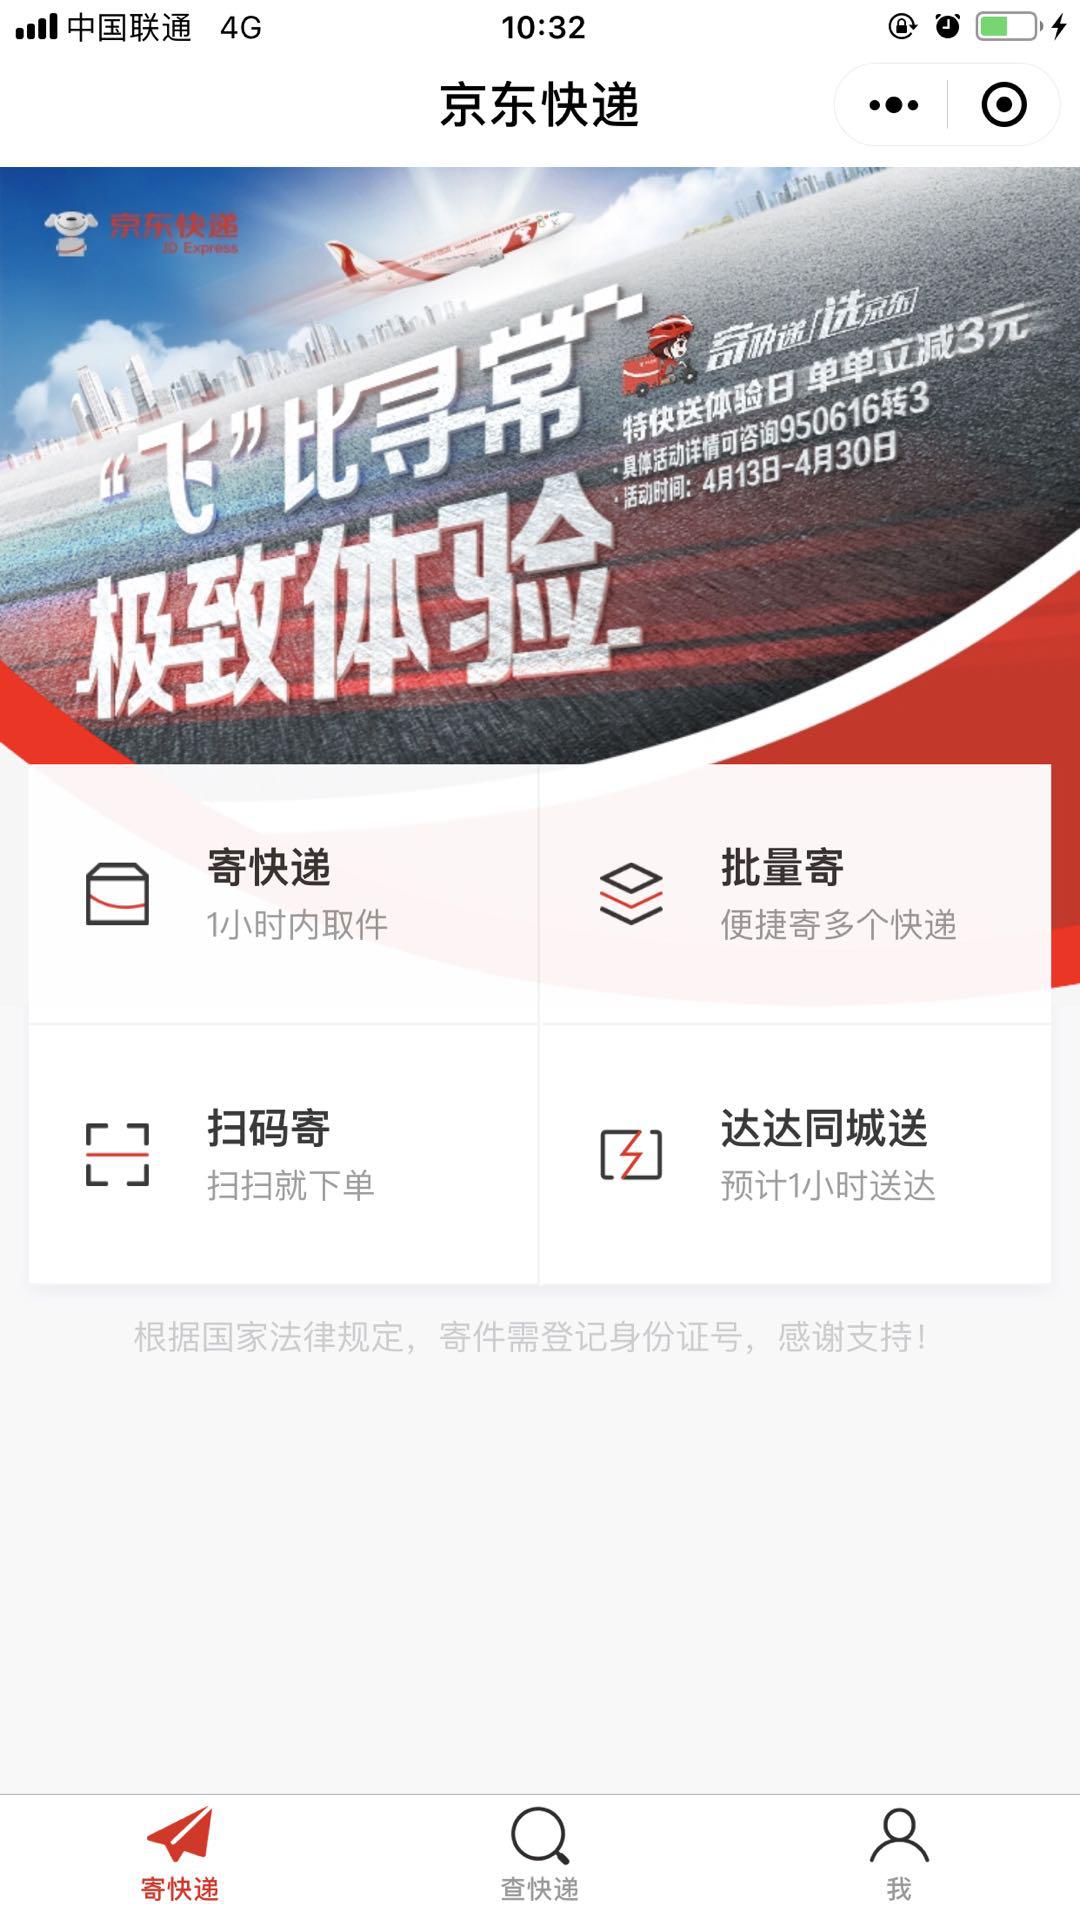 京东快递推出特瞬送同城服务,联合达达最快30分钟送达